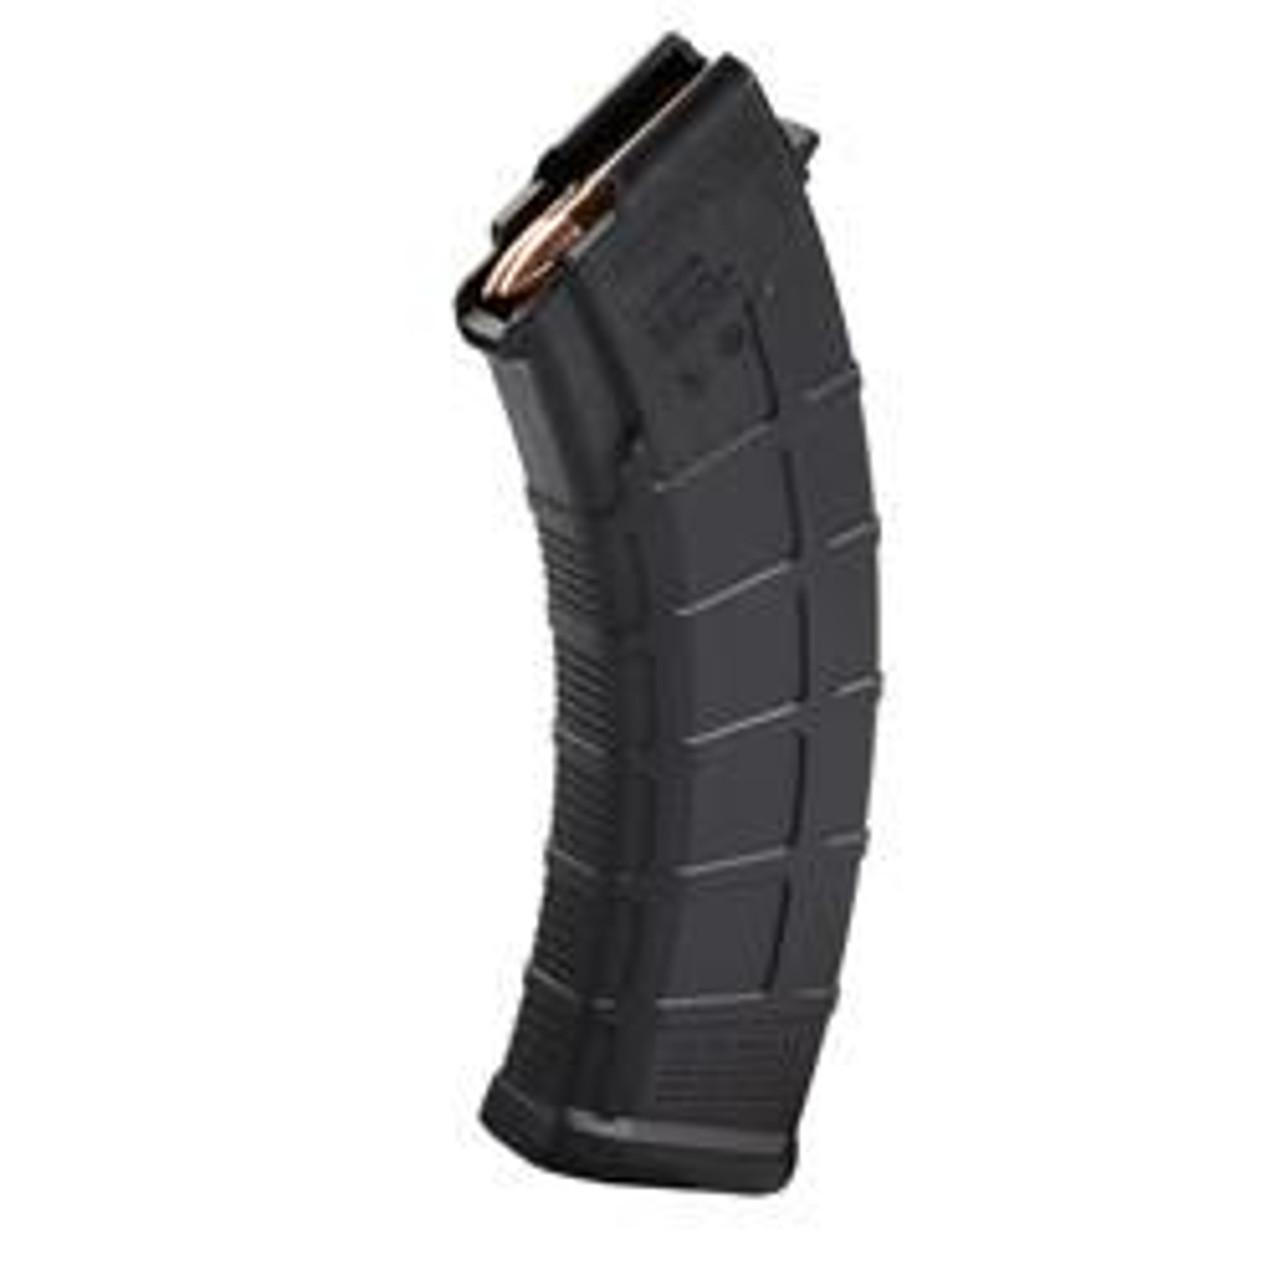 MAGPUL GEN M3 30 Round PMAG 7.62 x 39mm AK-47 Magazine